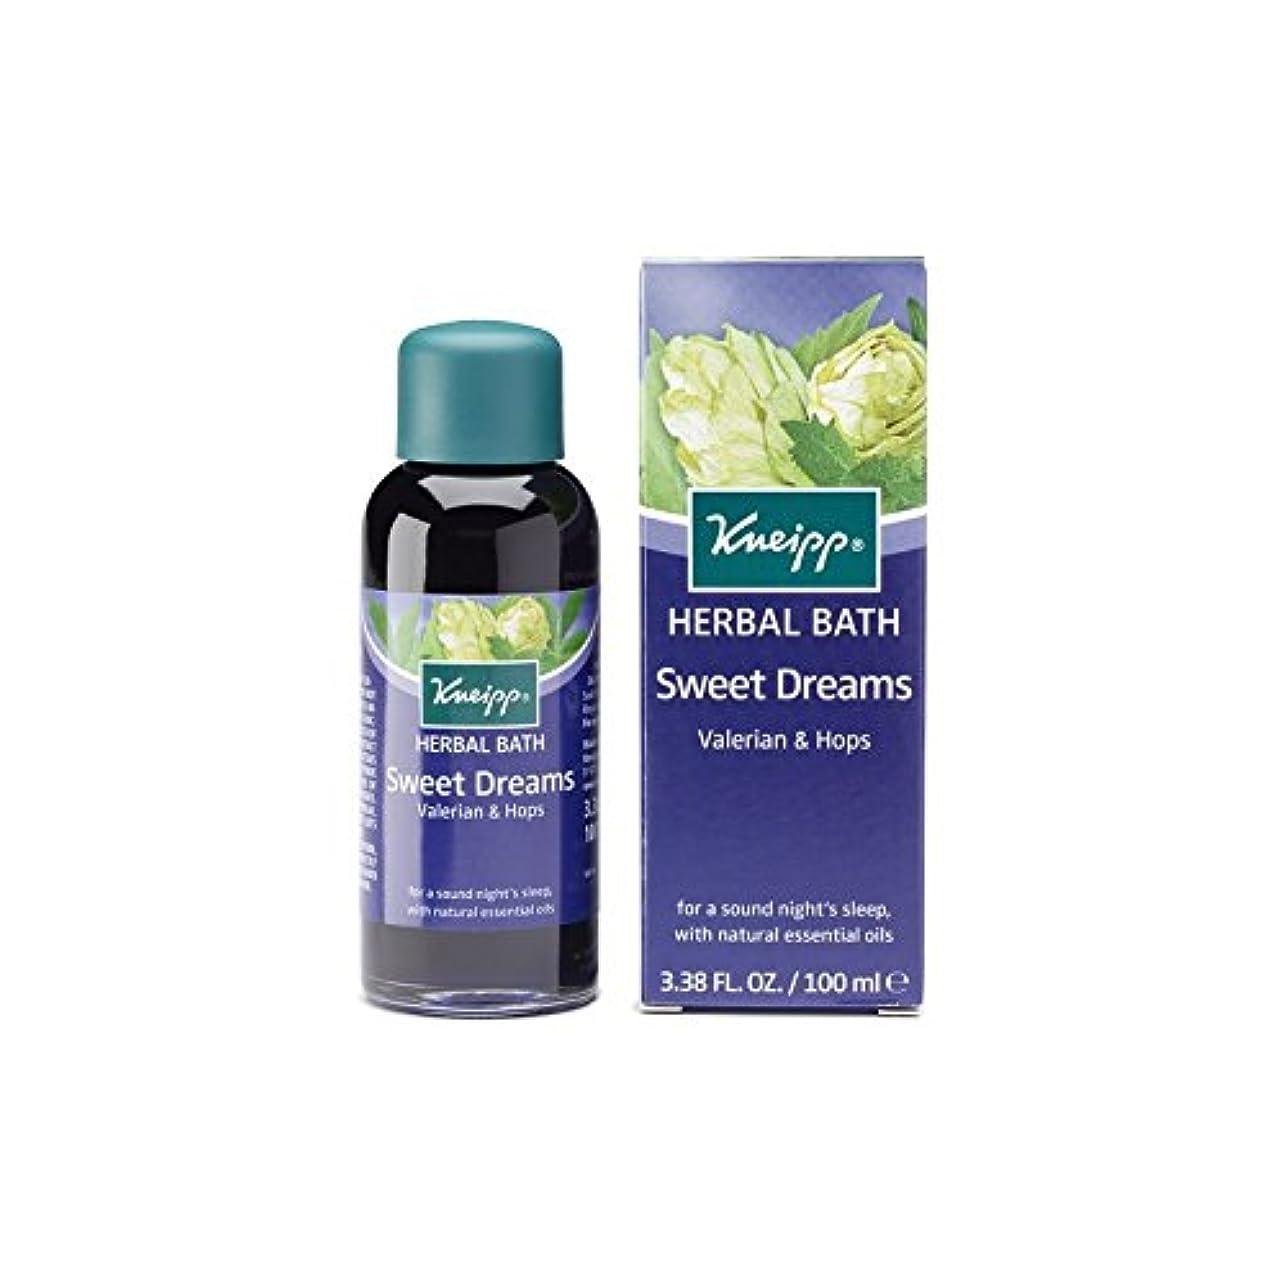 北米またリラックスしたクナイプ甘い夢ハーブカノコソウとバスオイル(100ミリリットル)をホップ x2 - Kneipp Sweet Dreams Herbal Valerian and Hops Bath Oil (100ml) (Pack of 2) [並行輸入品]